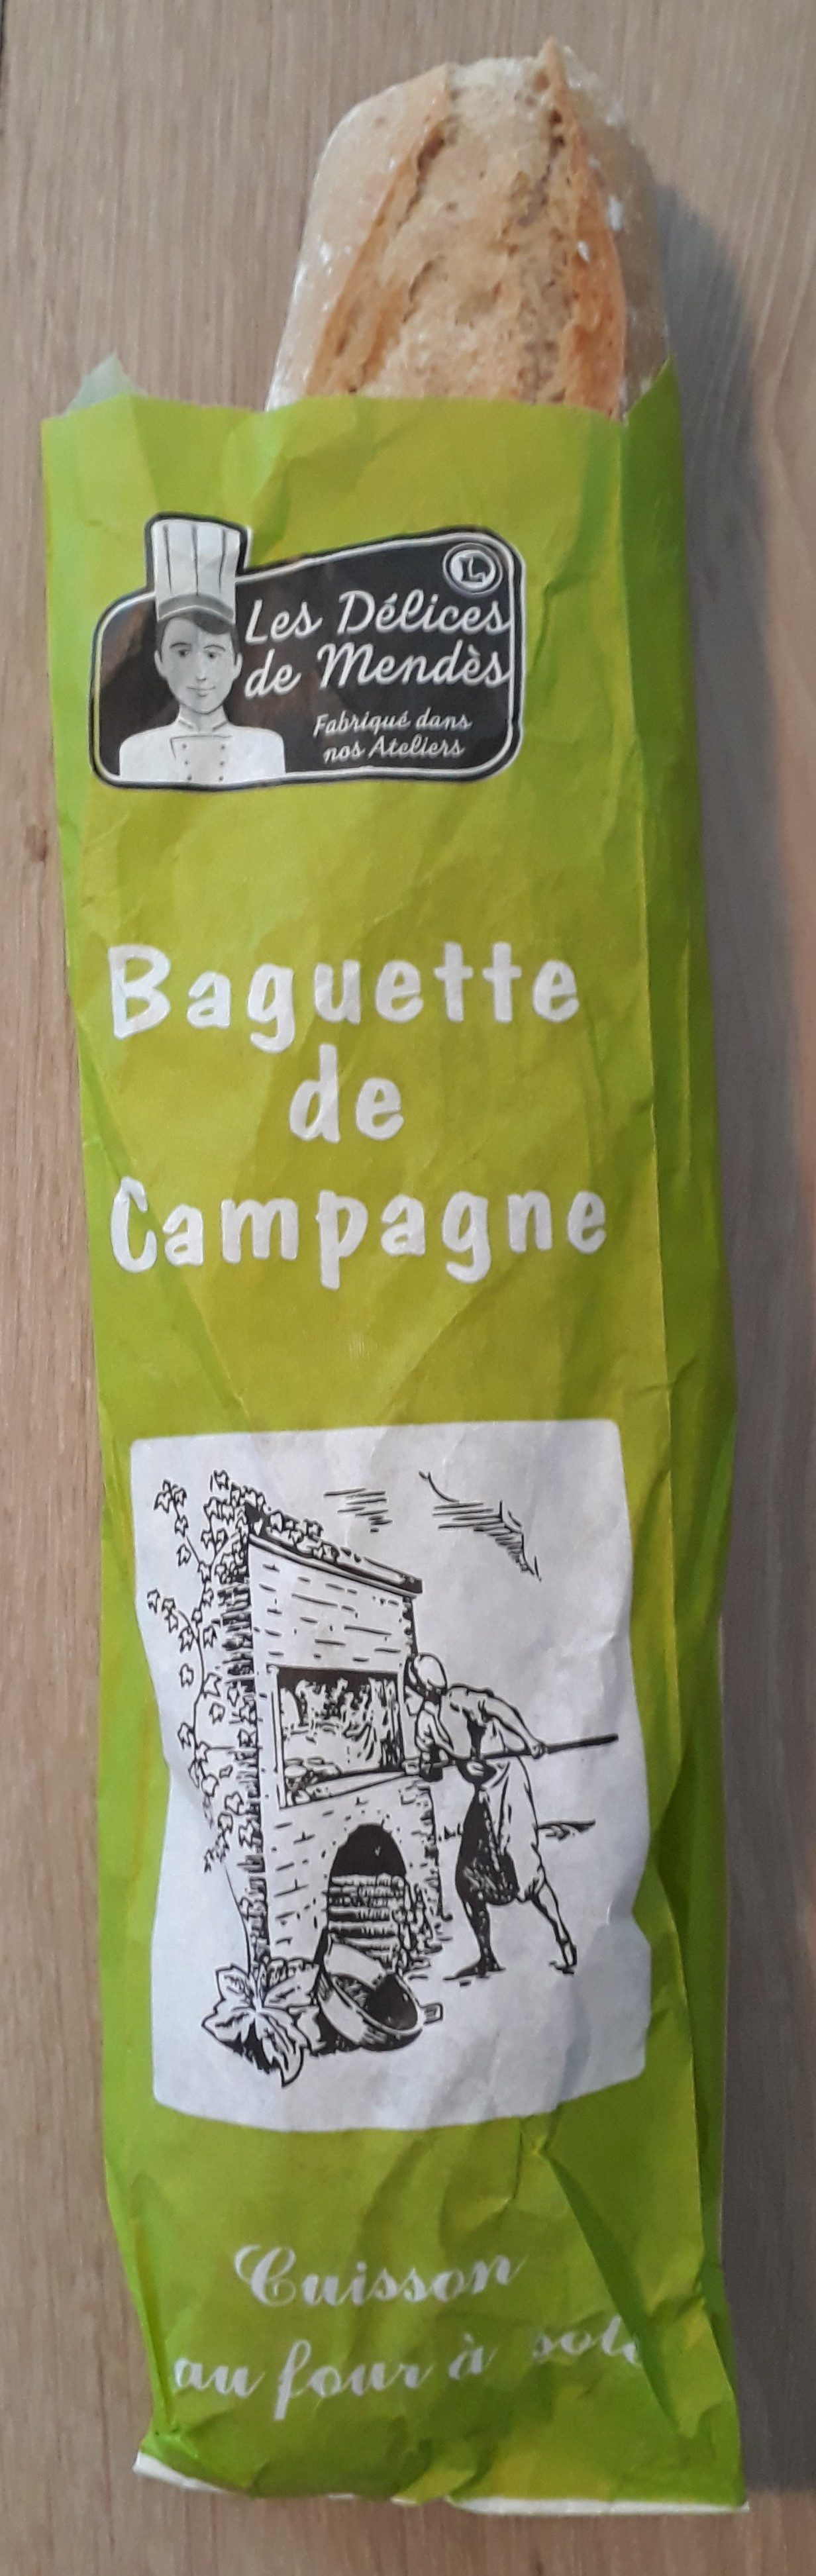 Baguette de campagne - Produit